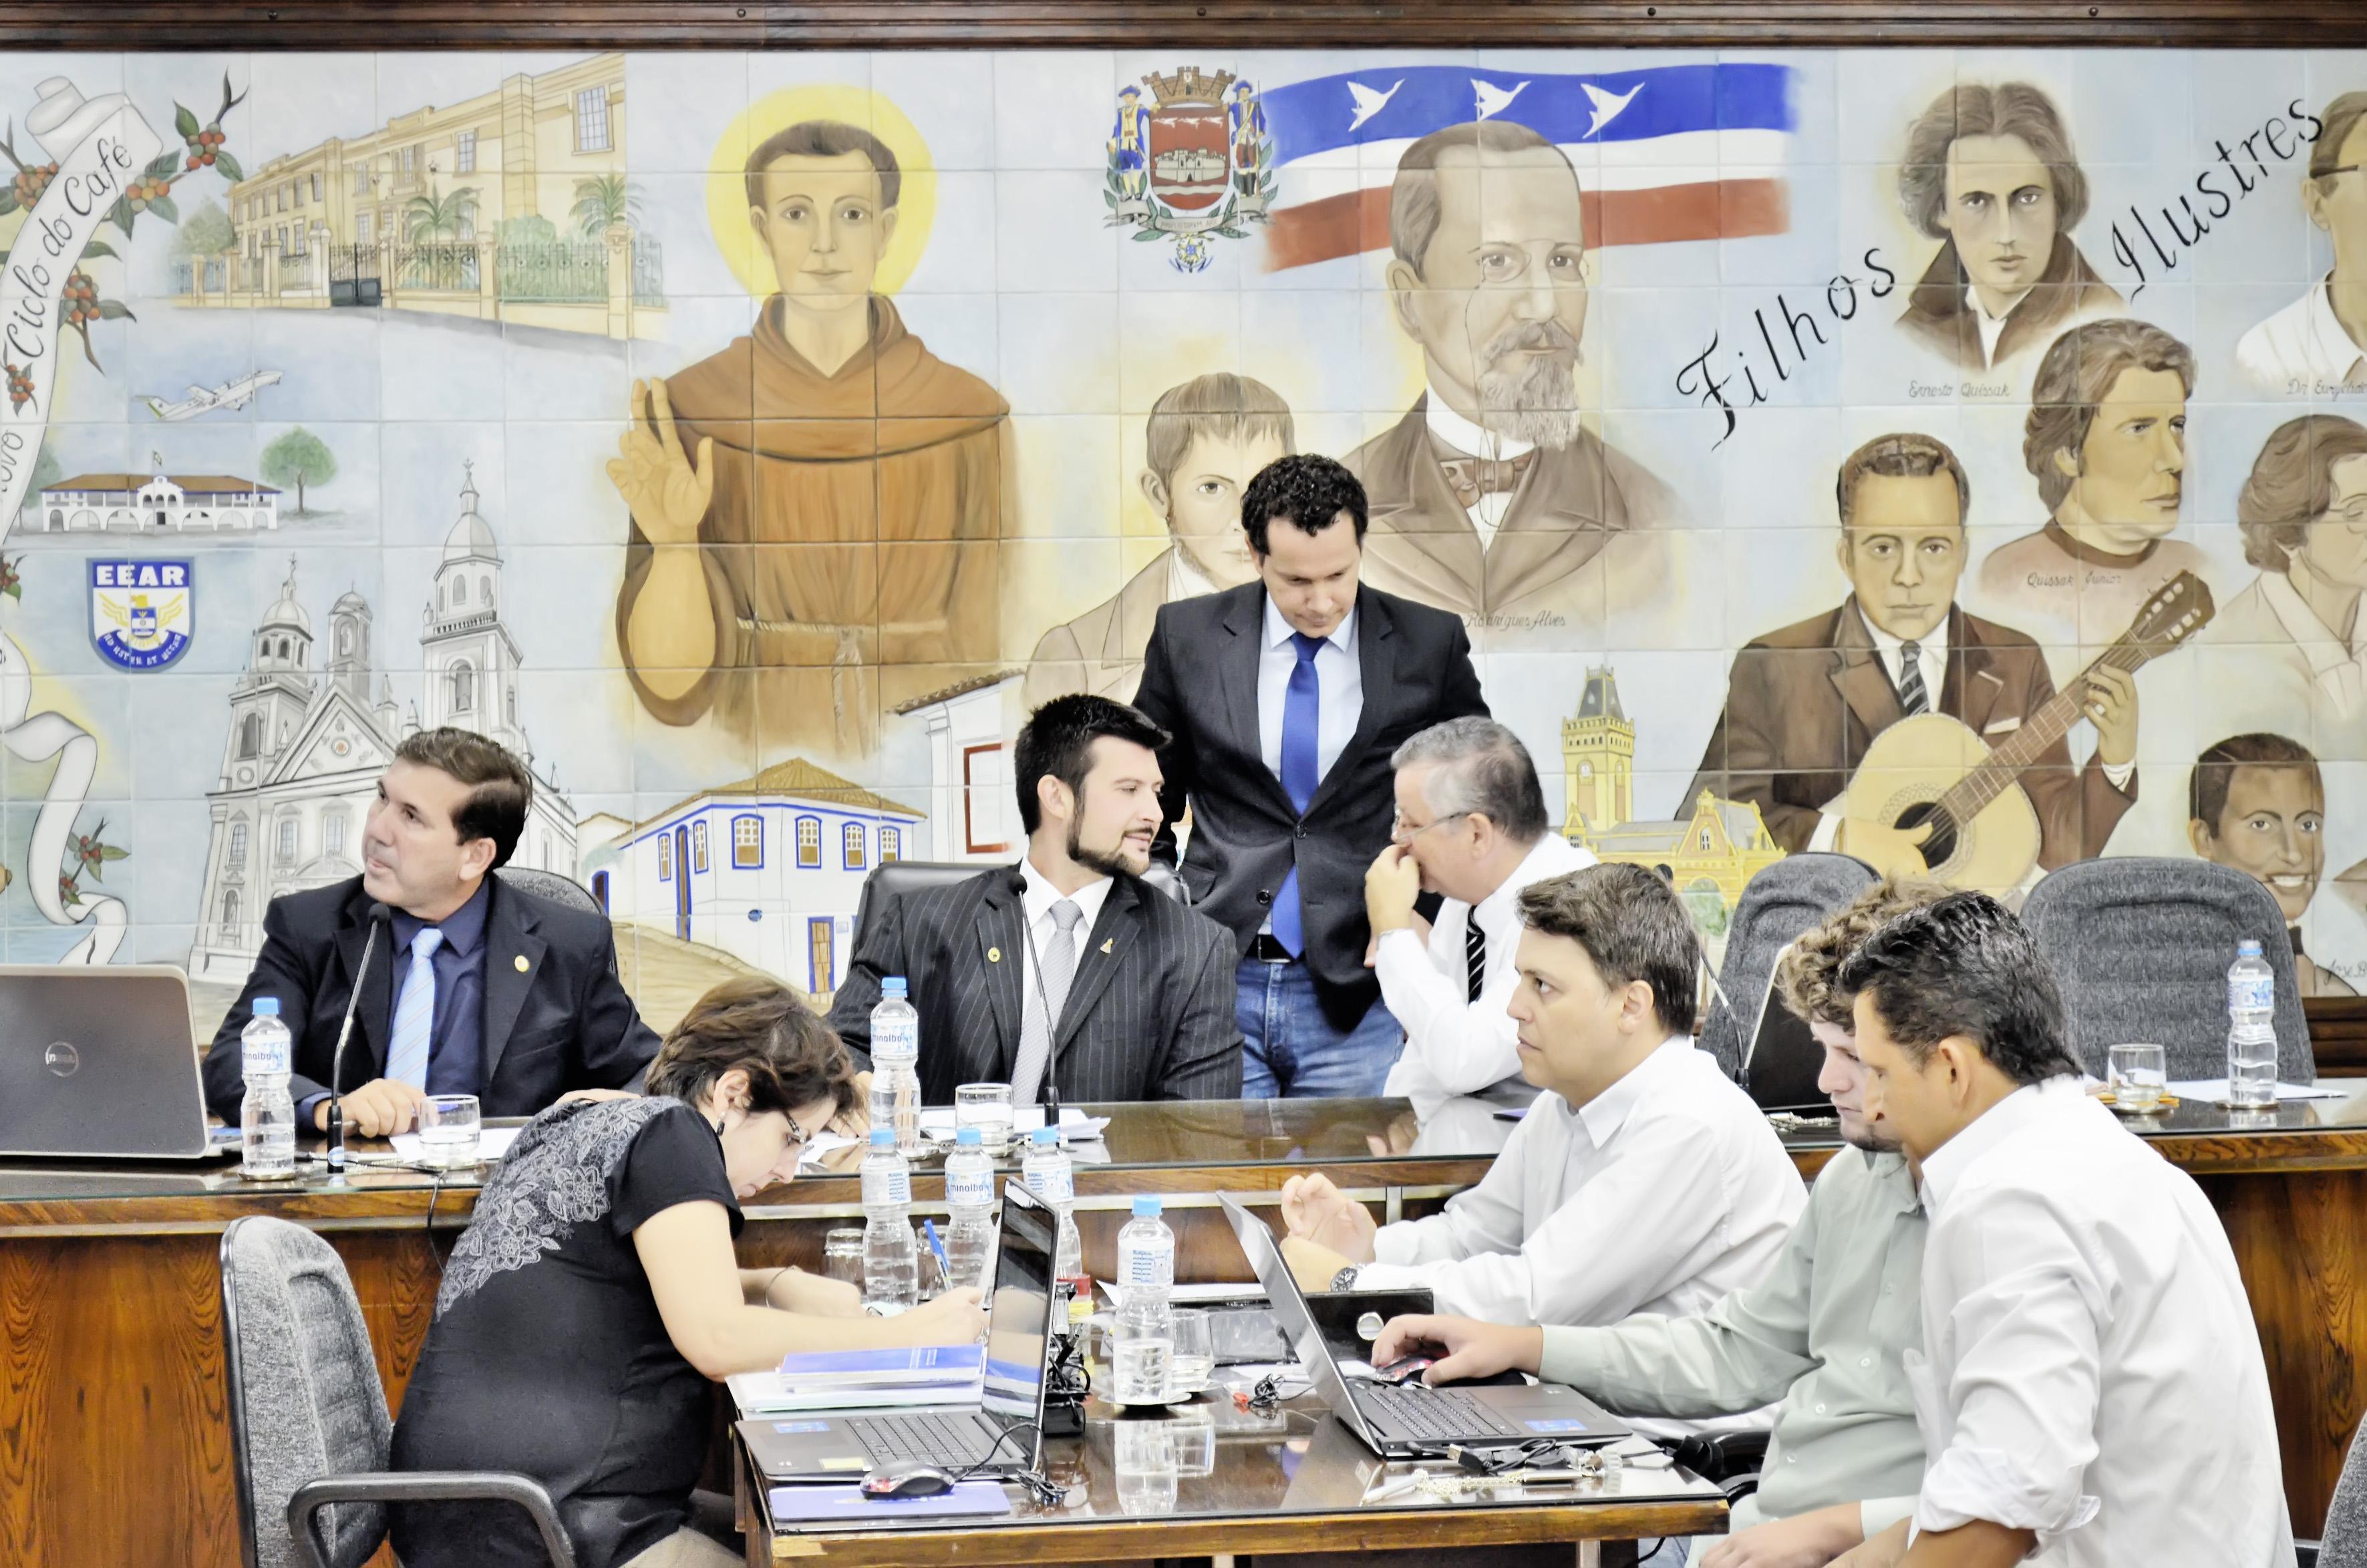 A Câmara de Guaratinguetá convocou o ex-prefeito Junior Filippo para detalhar contratos do Saeg, alvo de série de apontamentos (Foto: Leandro Oliveira)